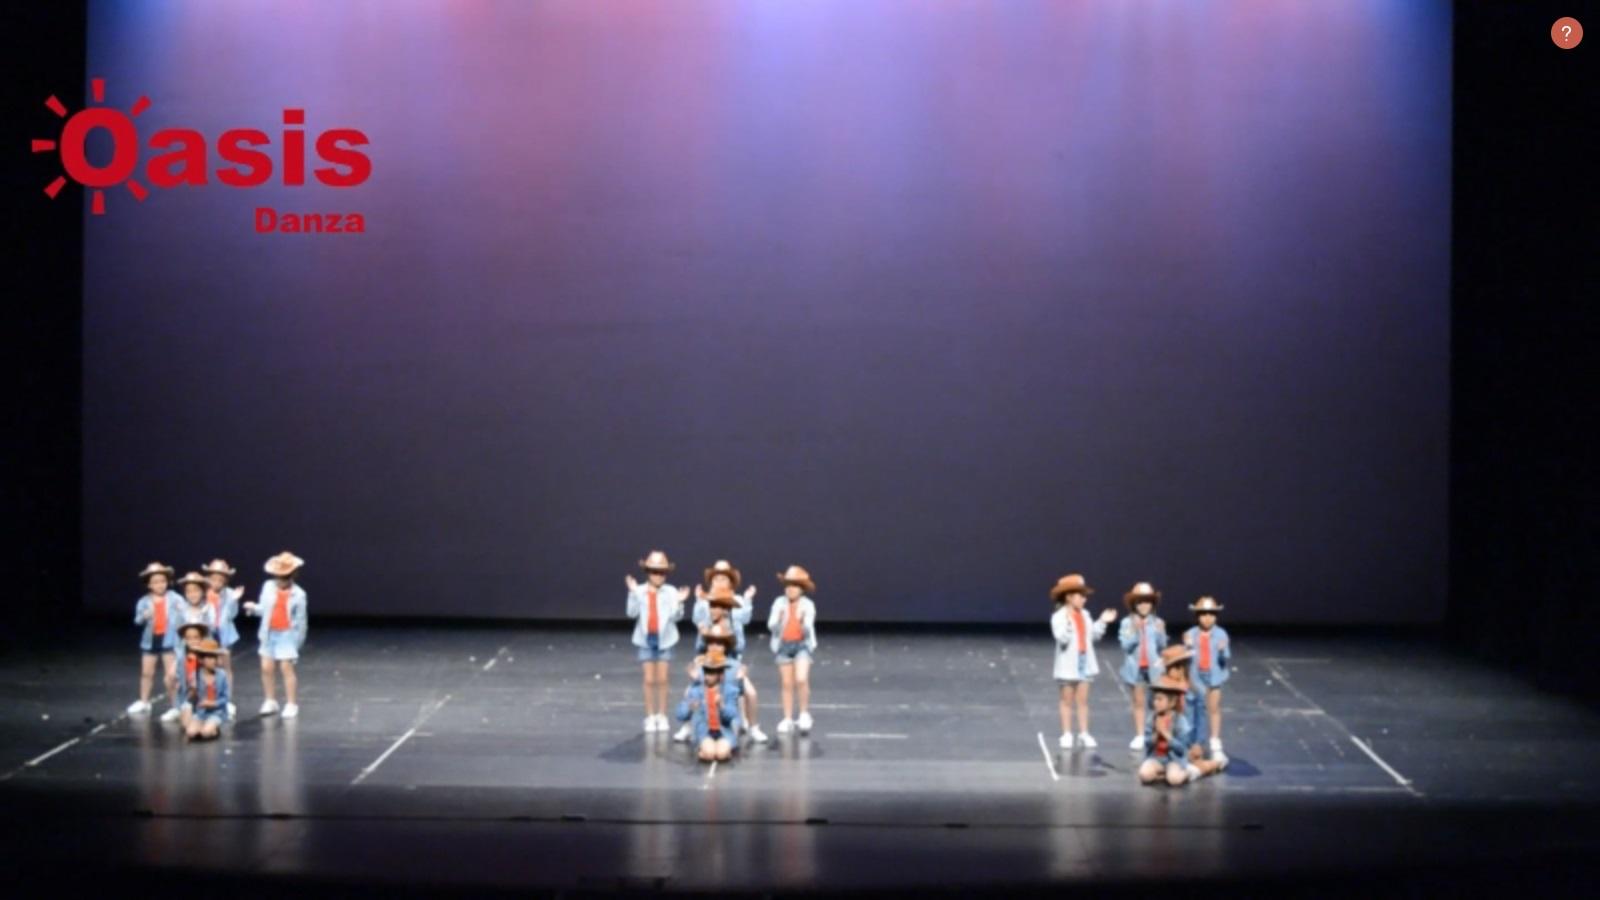 portada del video danza peques oeste